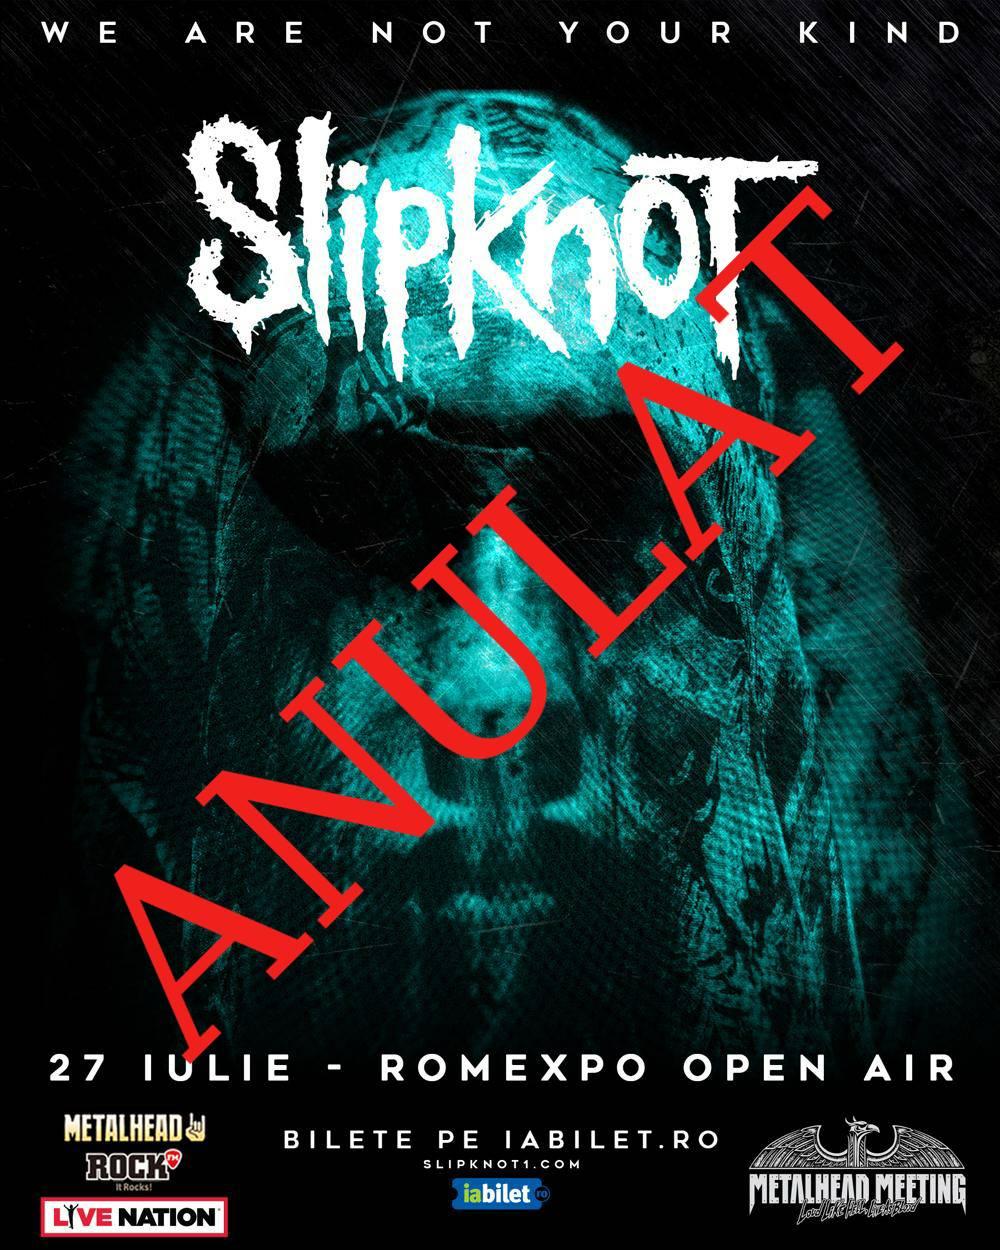 Concertul Slipknot de la Bucuresti este anulat!